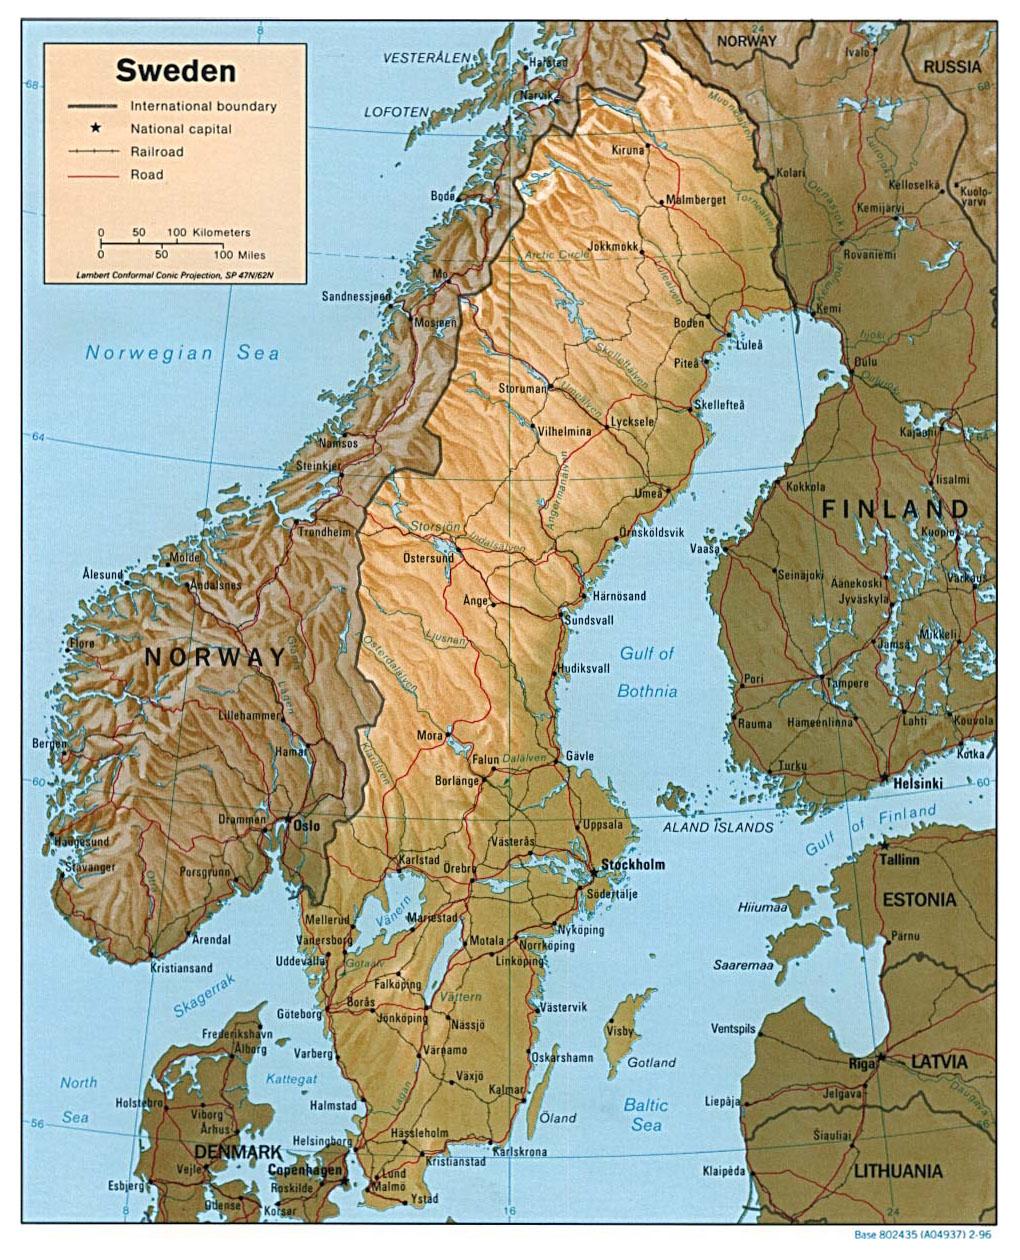 Mapy Szwecji Szczegolowa Mapa Szwecji W Jezyku Angielskim Mapa